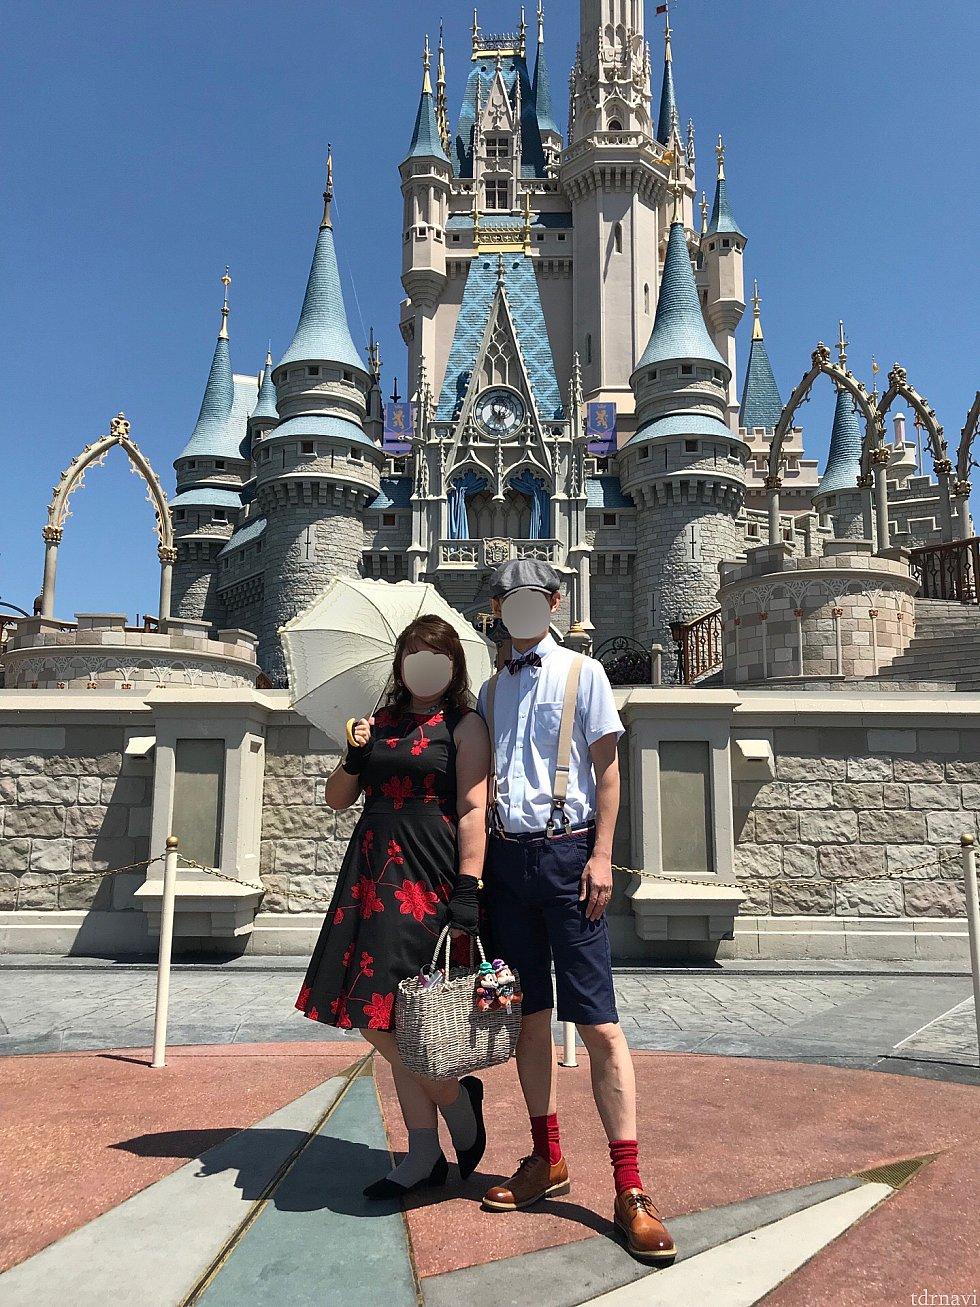 こちらはちびりす&チデ吉さんご夫婦が土曜日に参加されたマジックキングダムでのお写真。とても素敵なお二方!シンデレラ城前で素晴らしい一枚ですね!